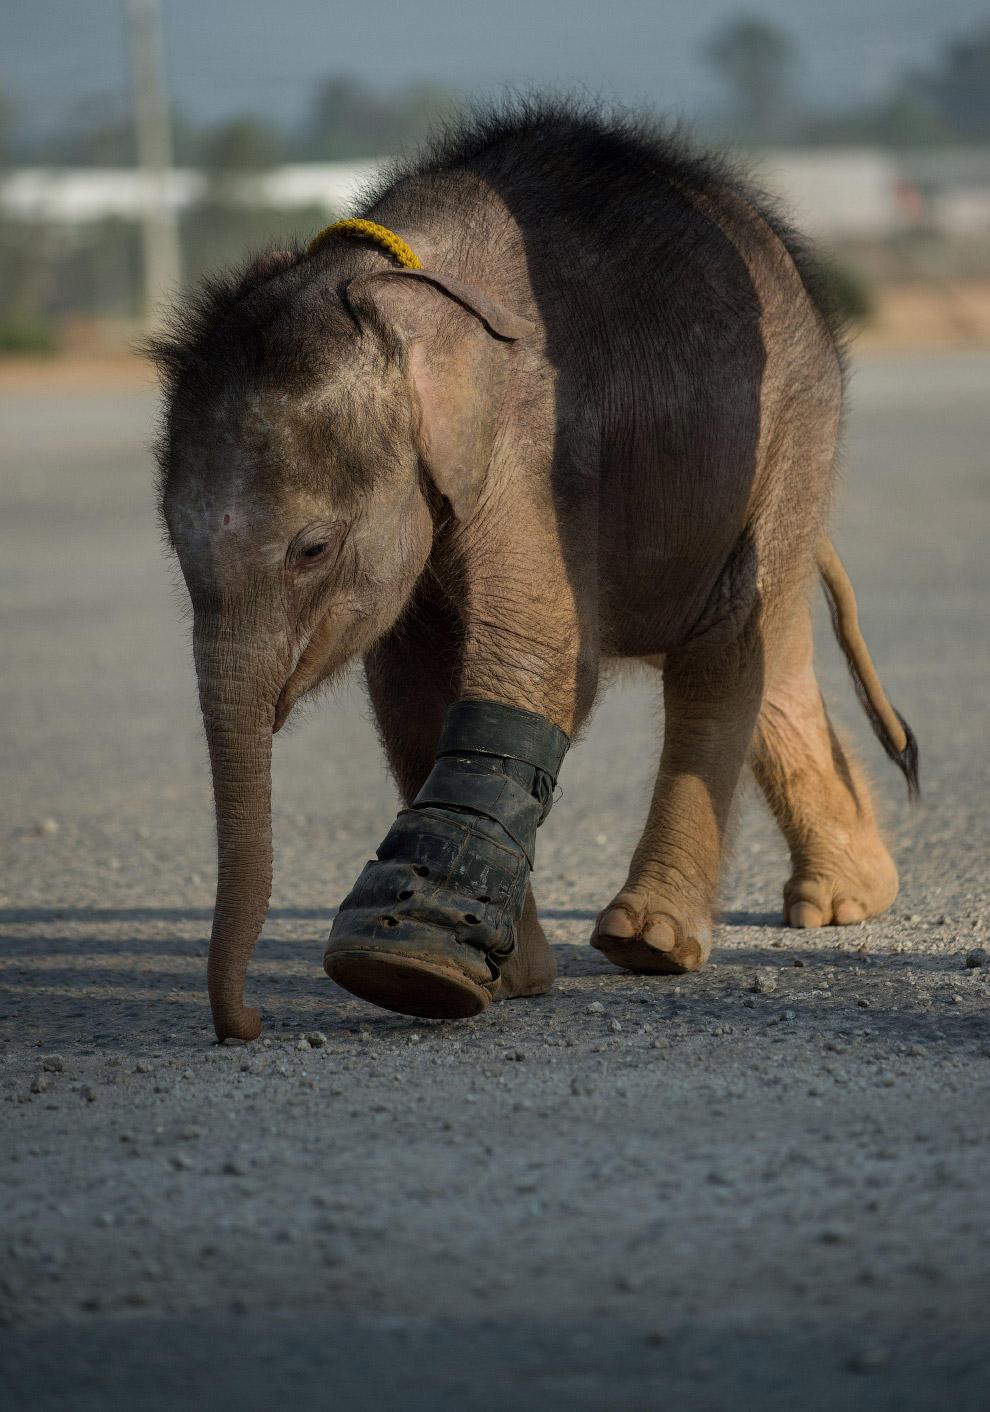 Пострадавший от капкана слоненок шагает с надеждой на хорошее будущее